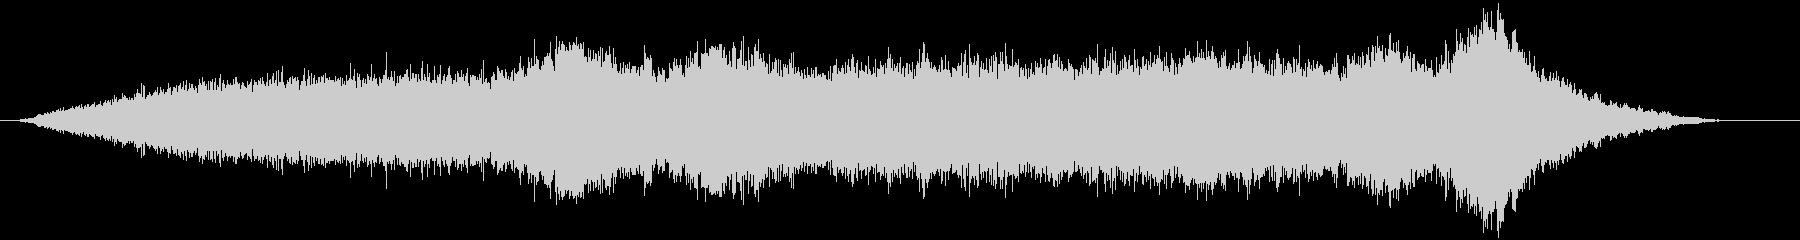 【サウンドスケイプ】インダストリアルな音の未再生の波形